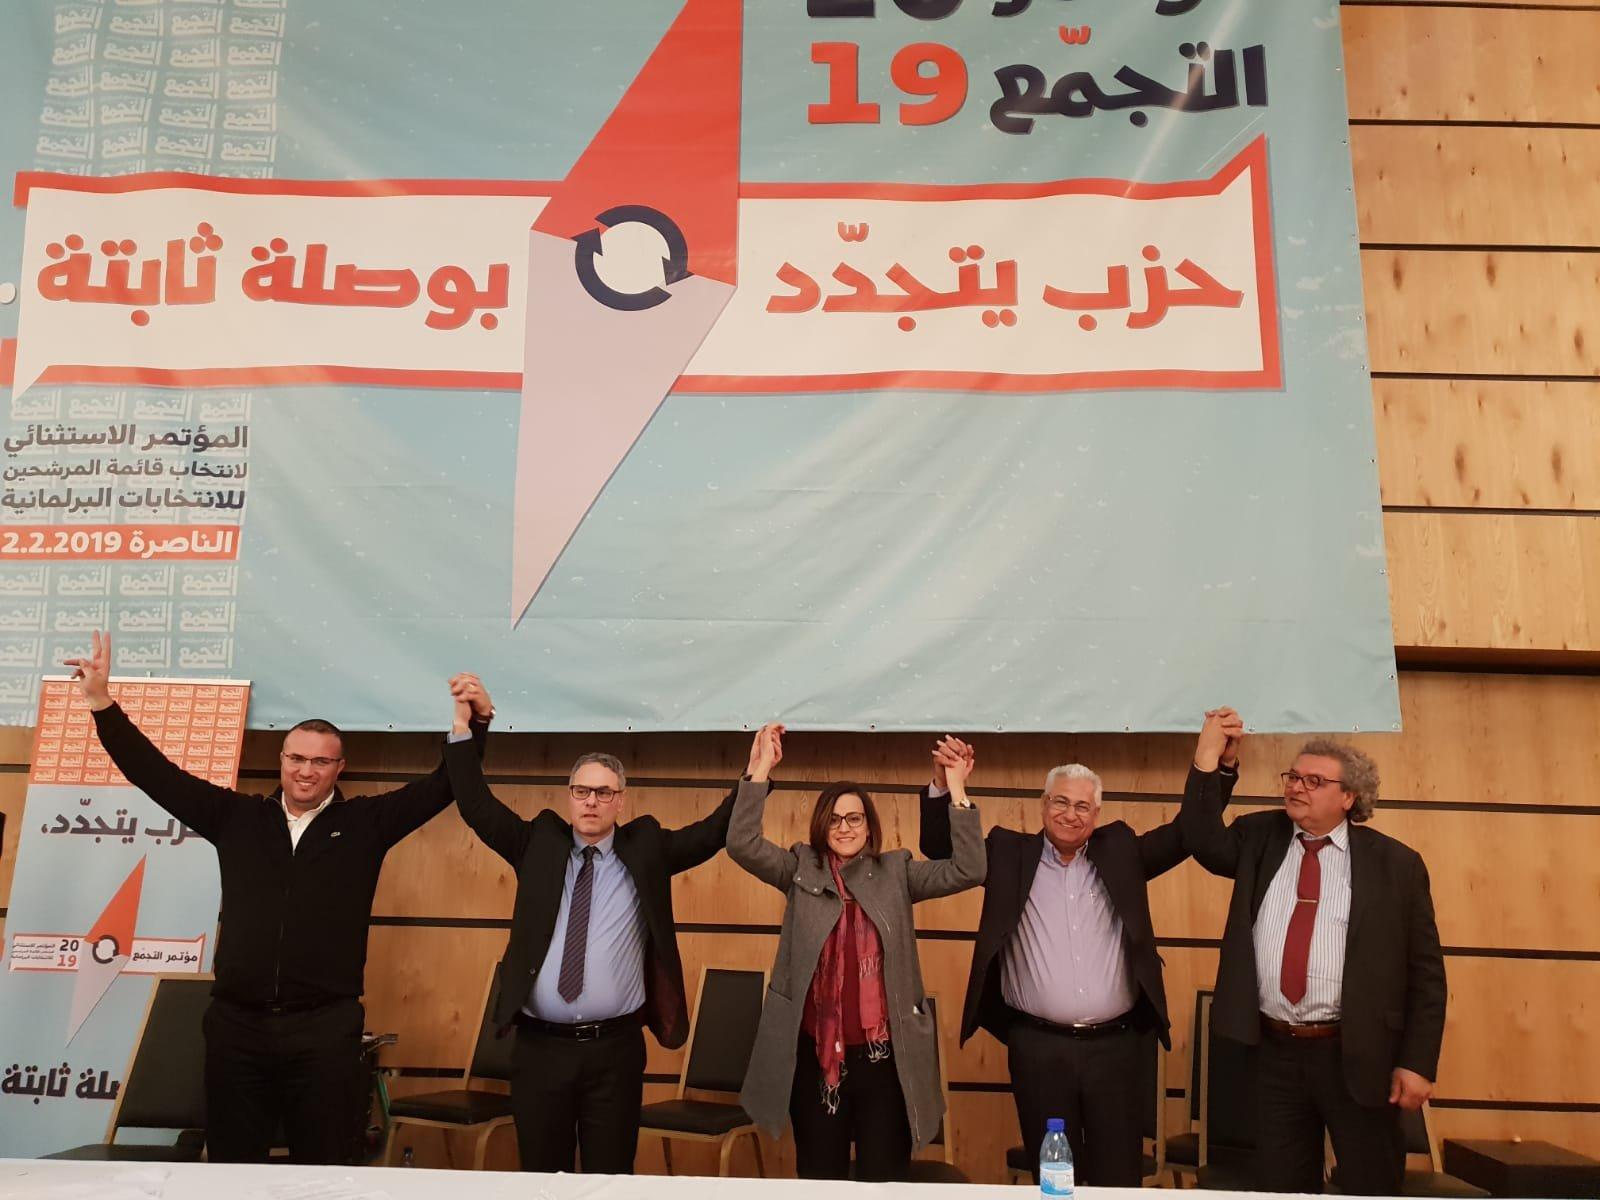 التجمّع يواصل استعداداته للانتخابات ويدعو للمهرجان الافتتاحي الأحد المقبل في سخنين